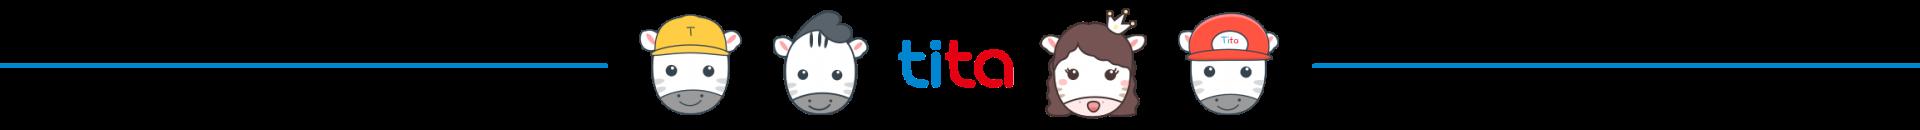 Tita 助力房地产开发项目管理,让协同更高效